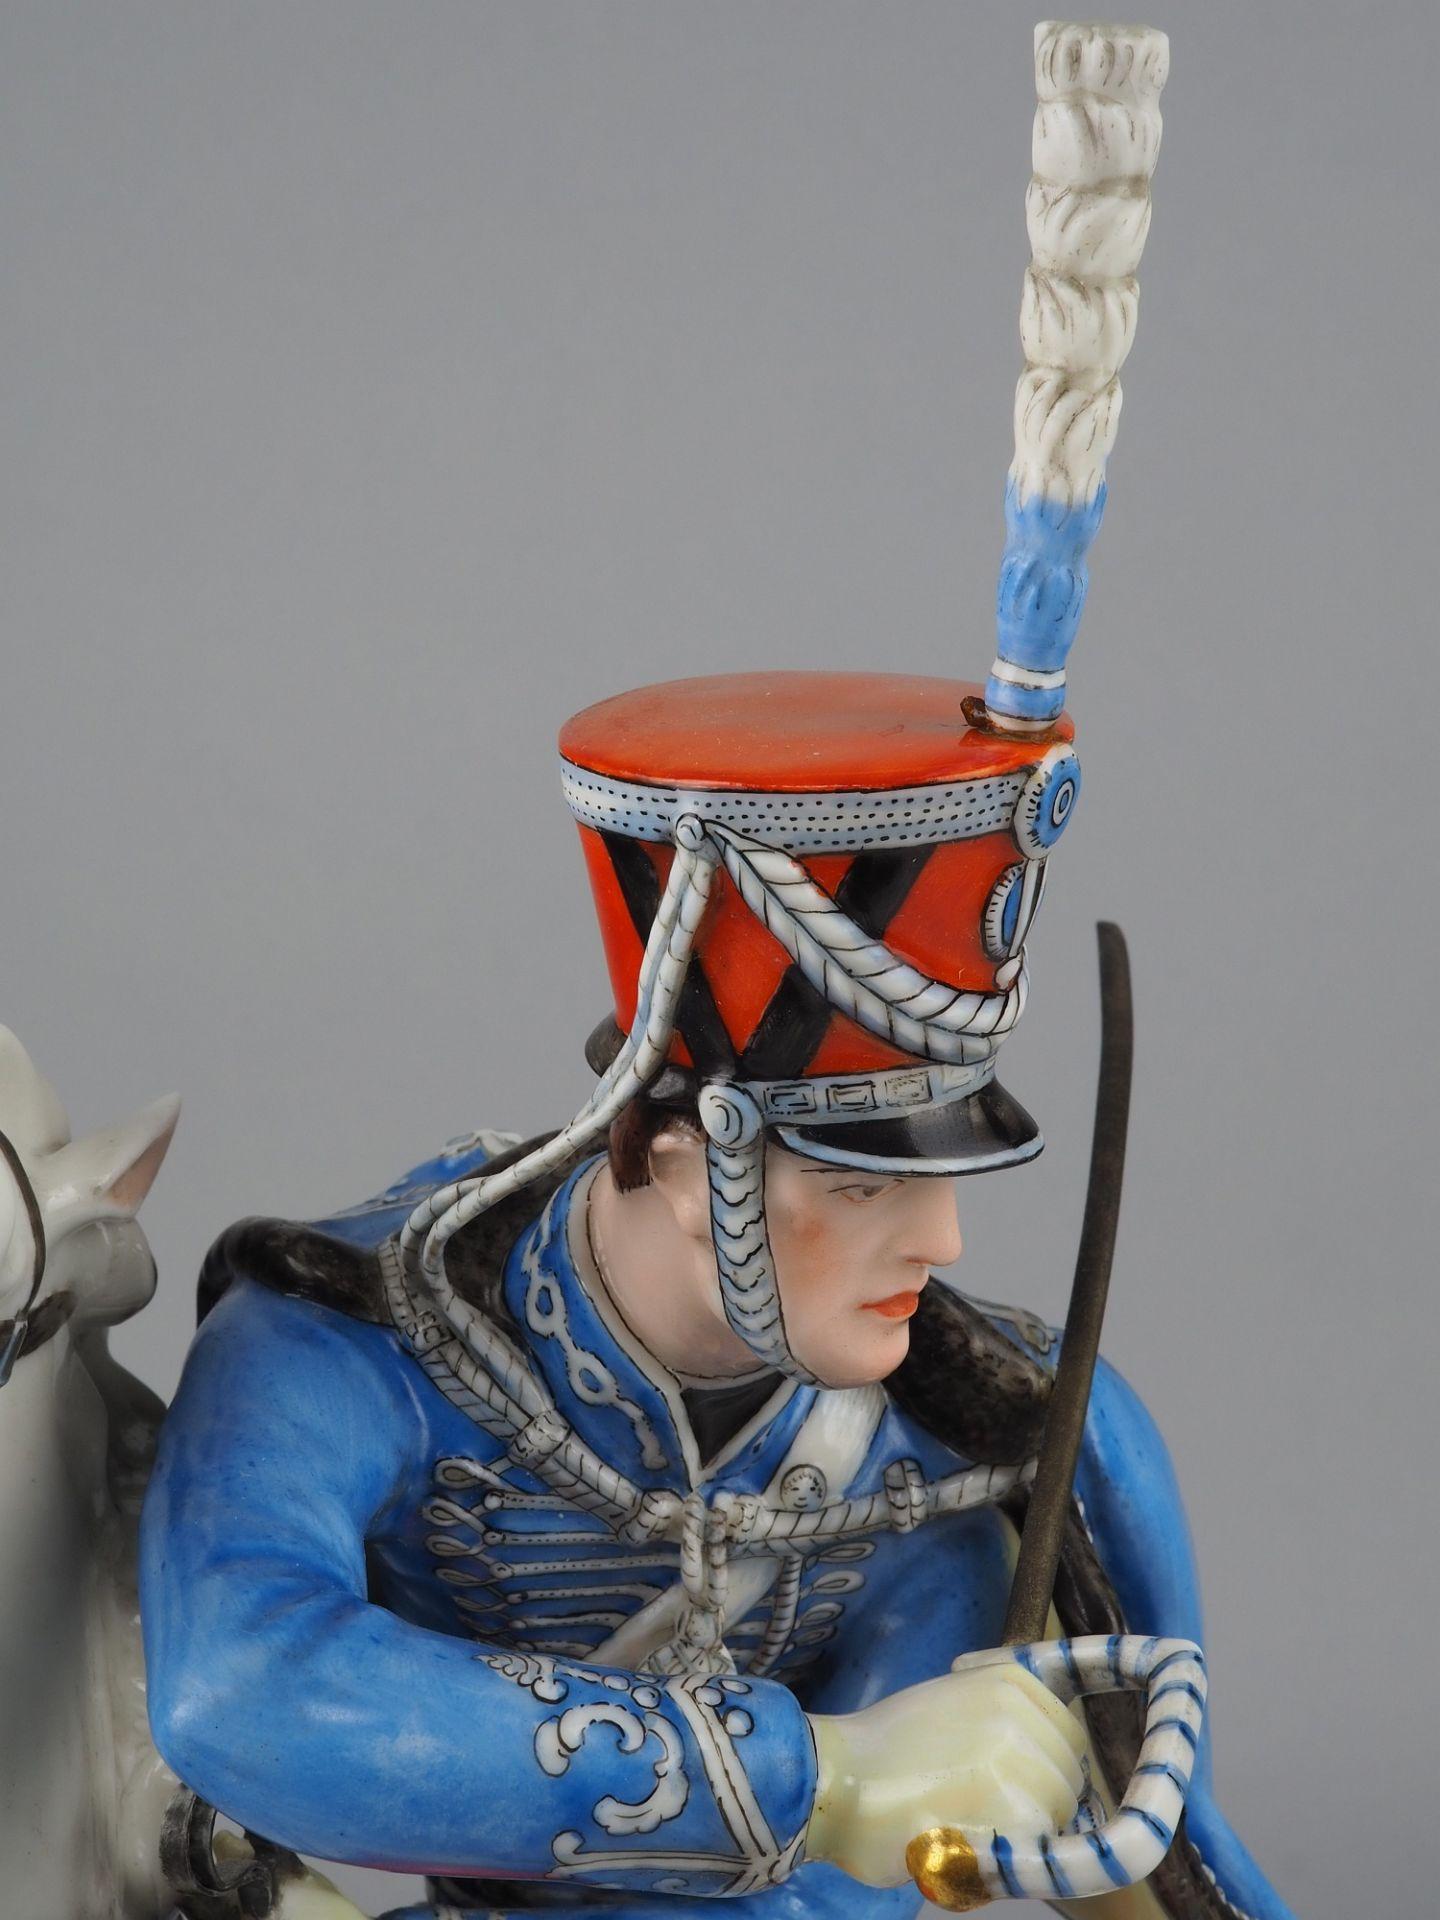 Nymphenburg Porcelain Manufactory: Officer of the 2nd Royal Bavarian Hussar Regiment on horseback. - Image 6 of 8